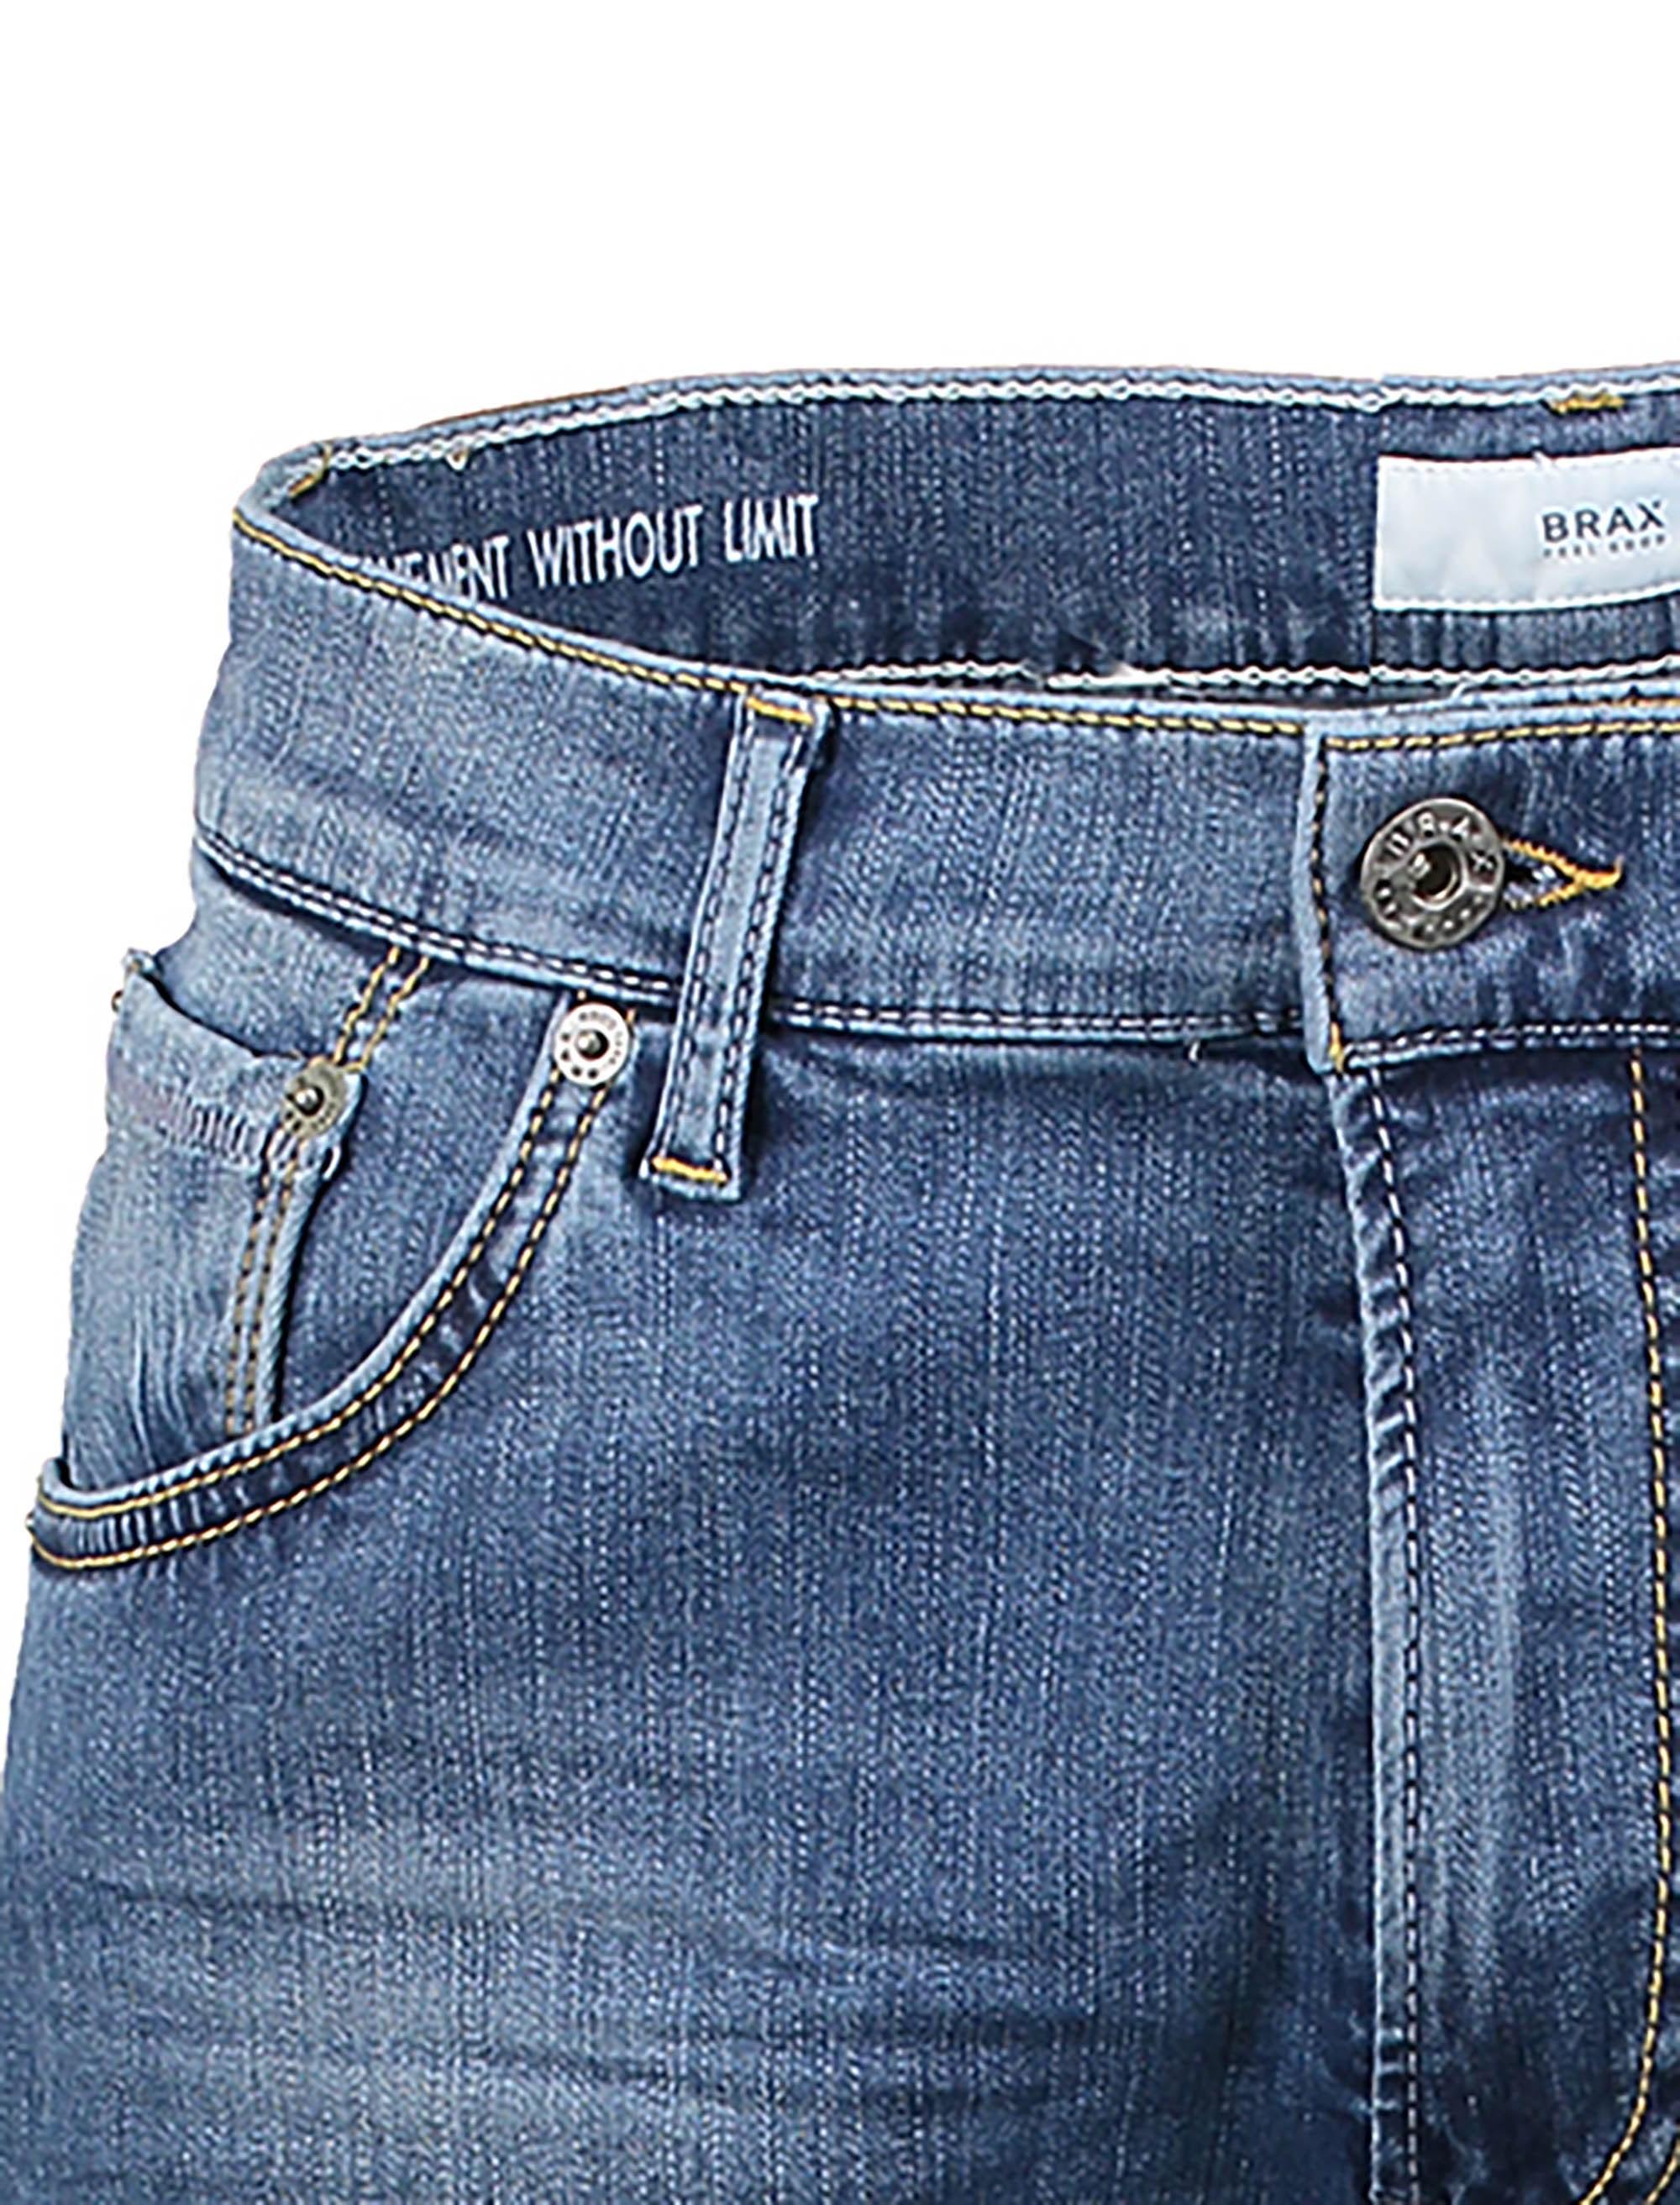 شلوار جین جذب مردانه - برکس - آبي  - 5